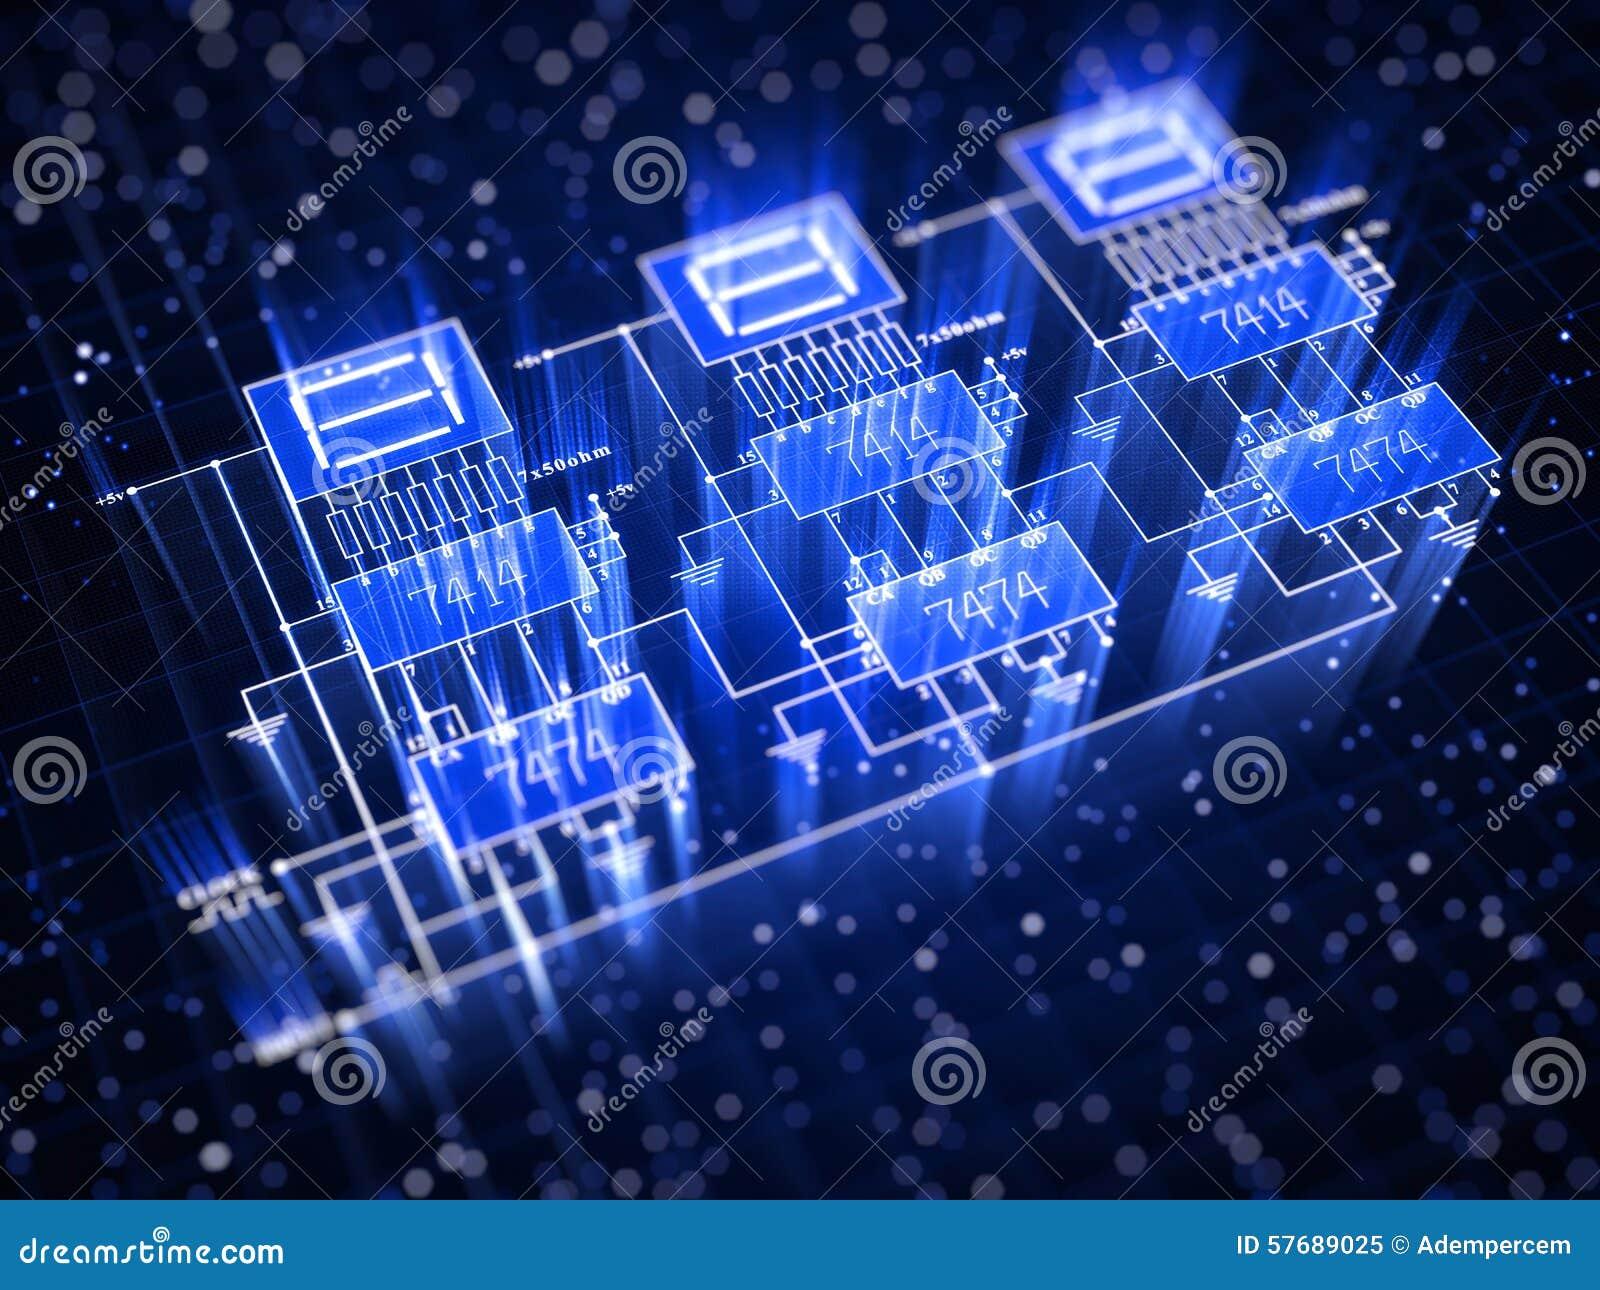 Circuito Electronico : Circuito electrónico stock de ilustración imagen